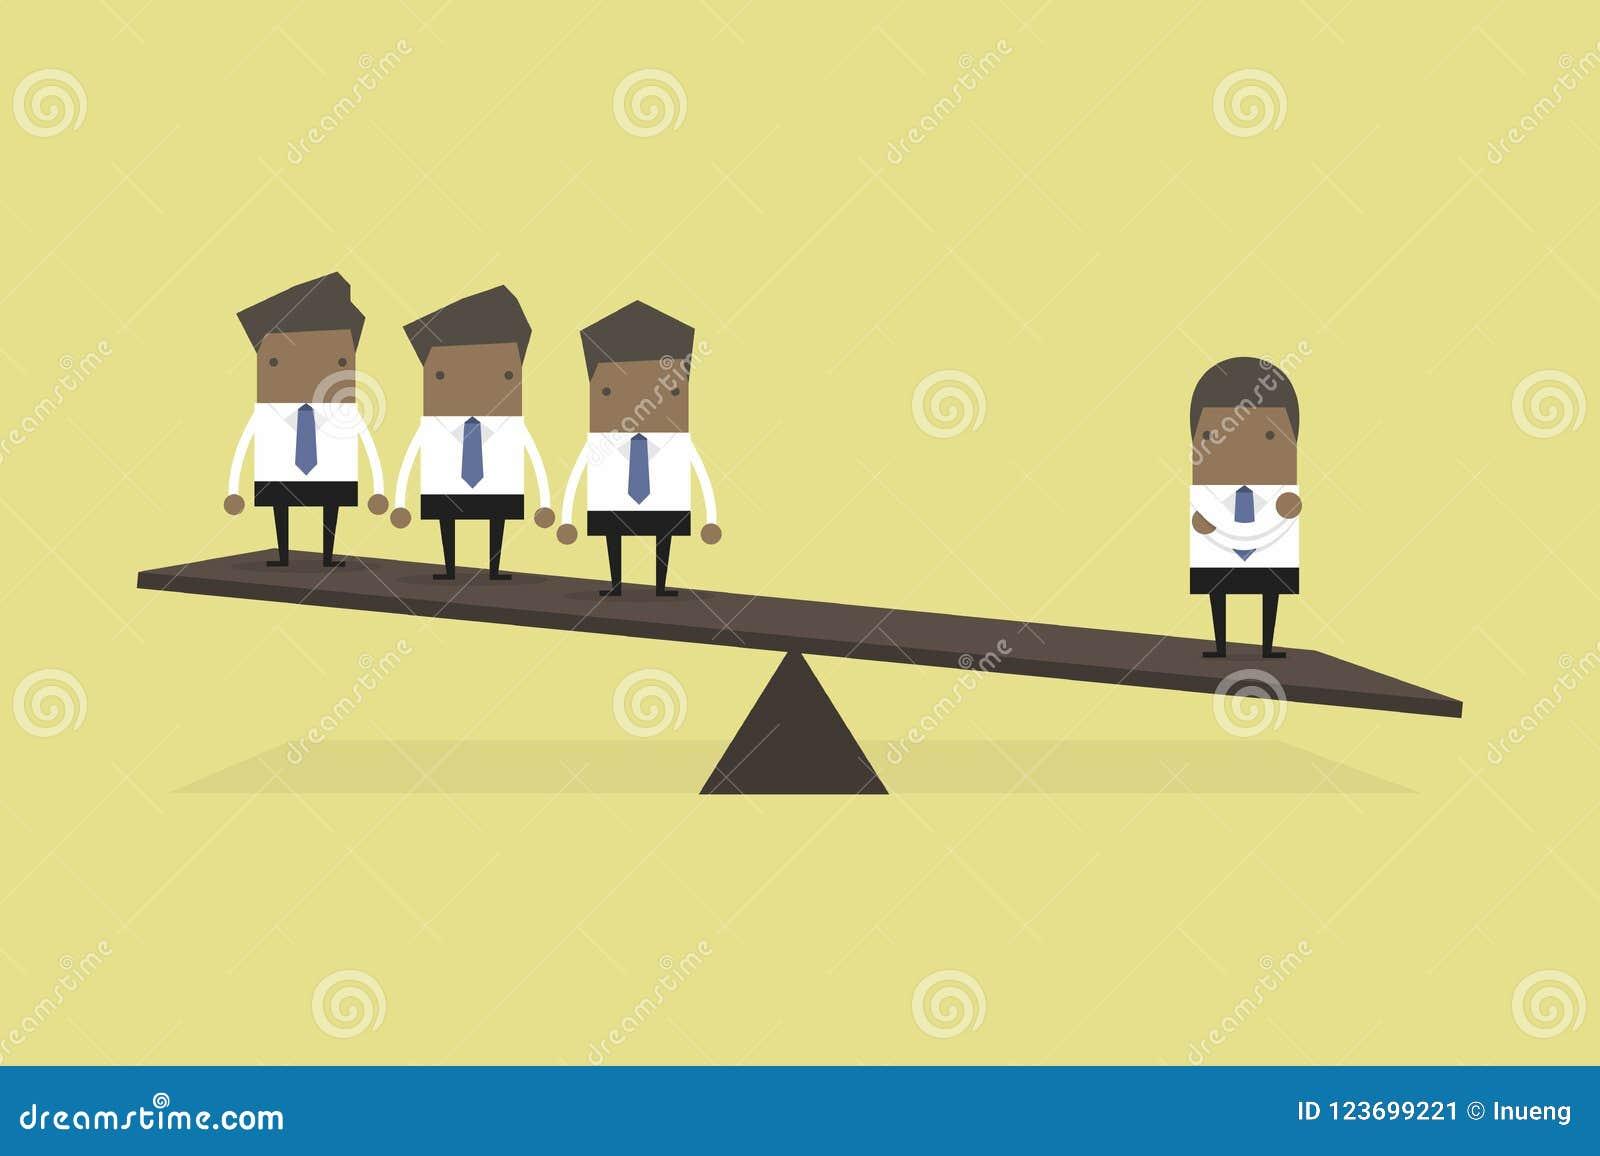 Un hombre de negocios africano en un lado de balanza es más pesado que muchos ejecutivos el otro lado